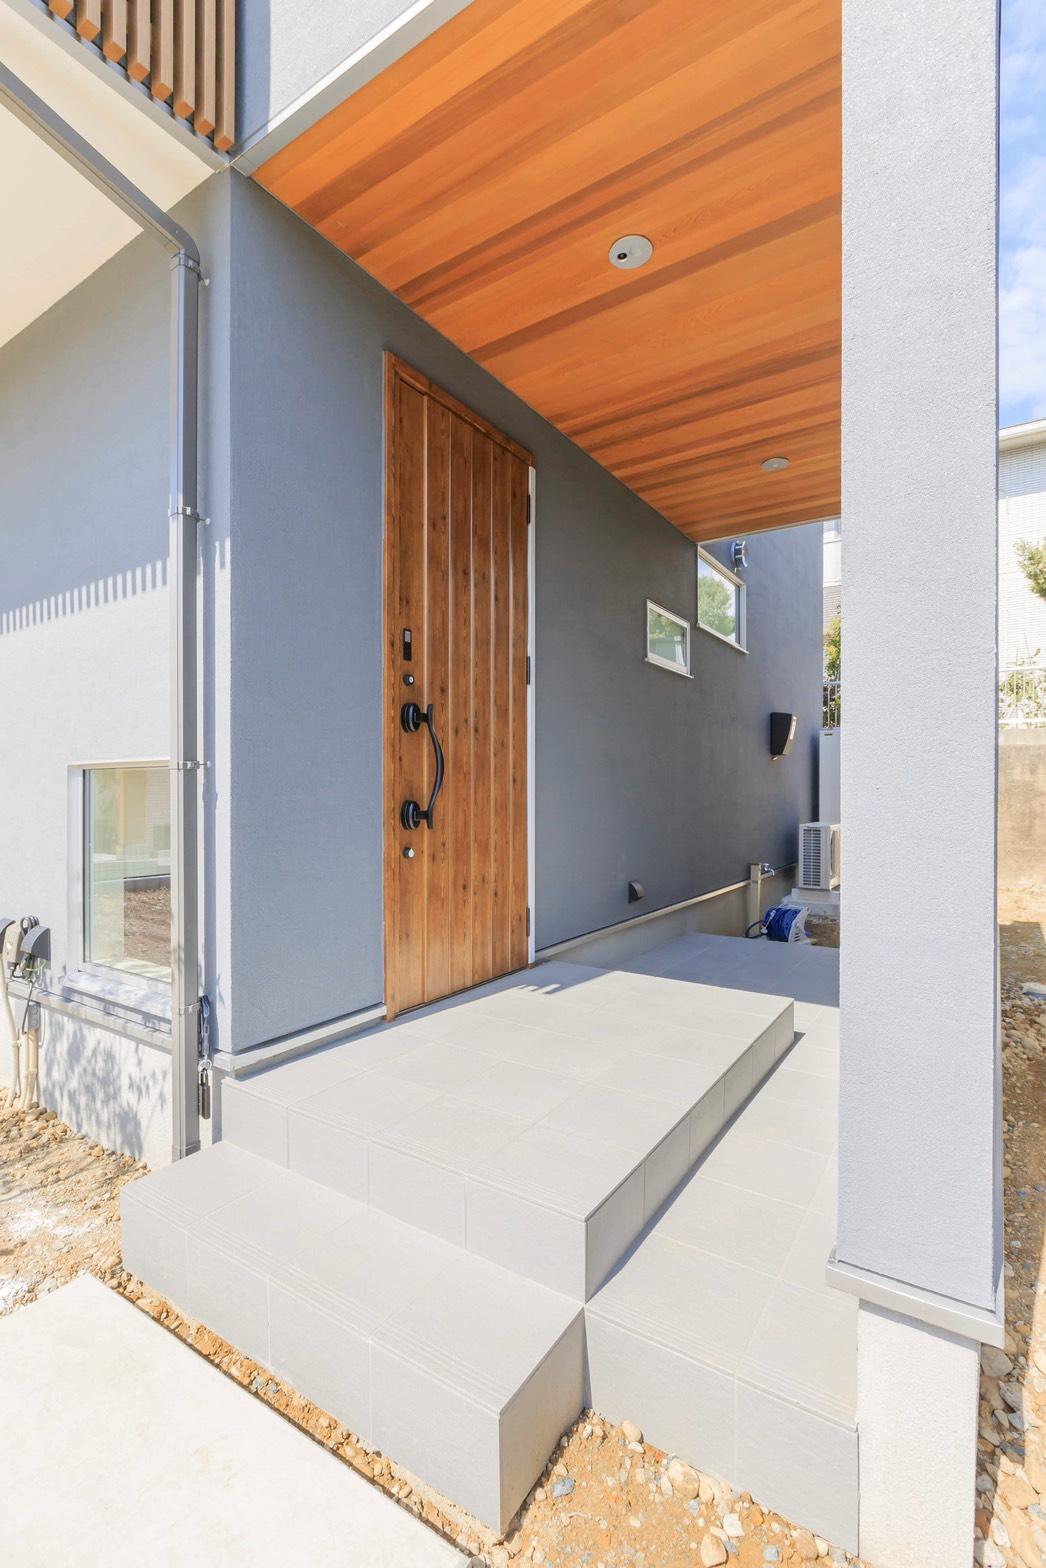 ARRCH アーチ【省エネ、間取り、建築家】レッドシダー張りの天井と木扉がグレーの塗り壁に映える玄関アプローチ